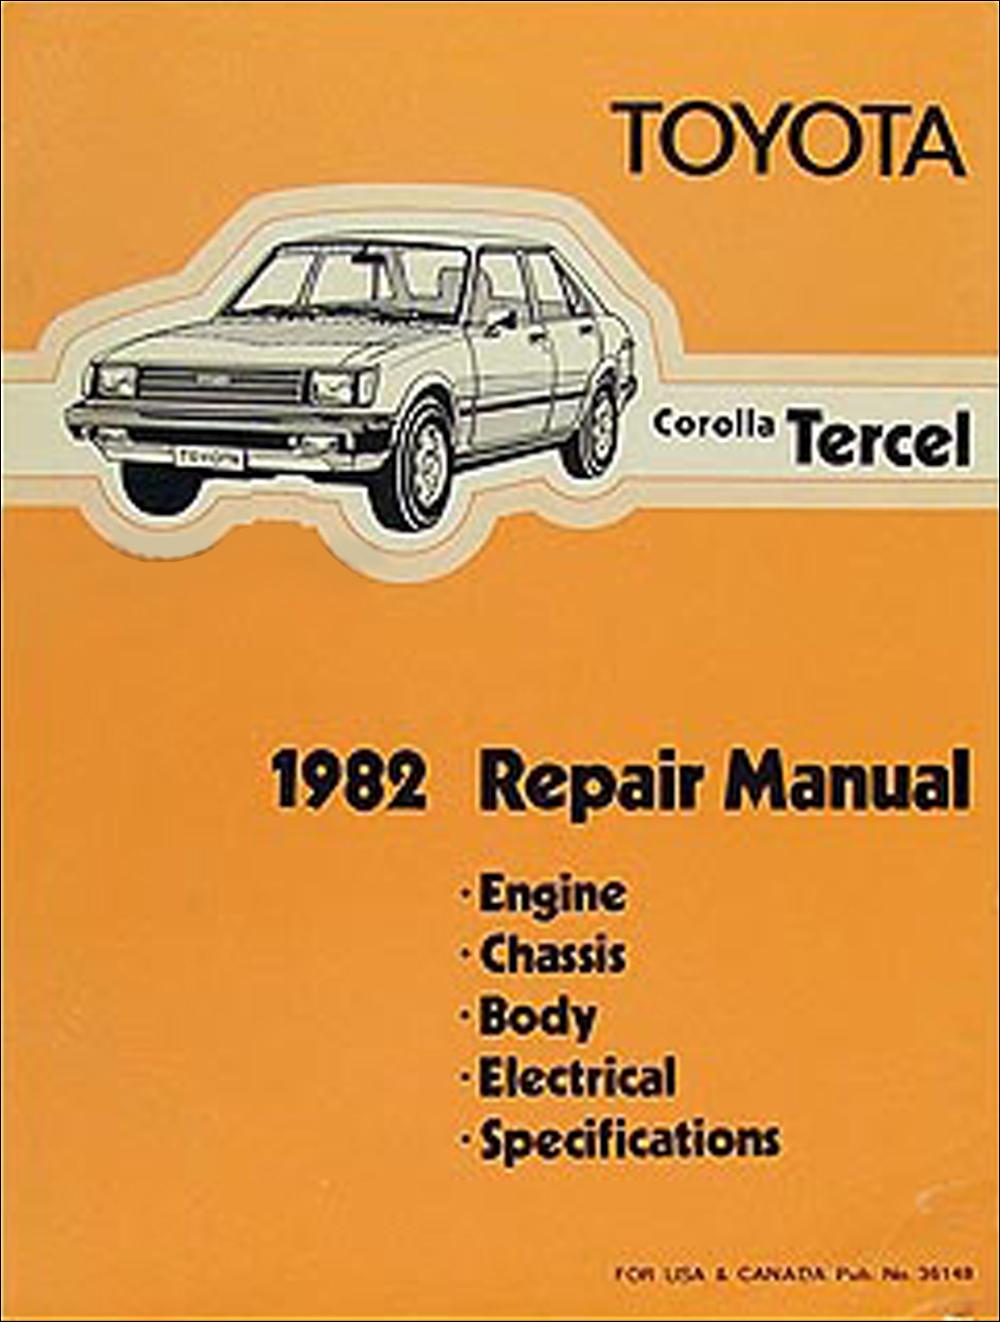 1982 Toyota Corolla Tercel Shop Manual Original No. 36148 (3A-C)